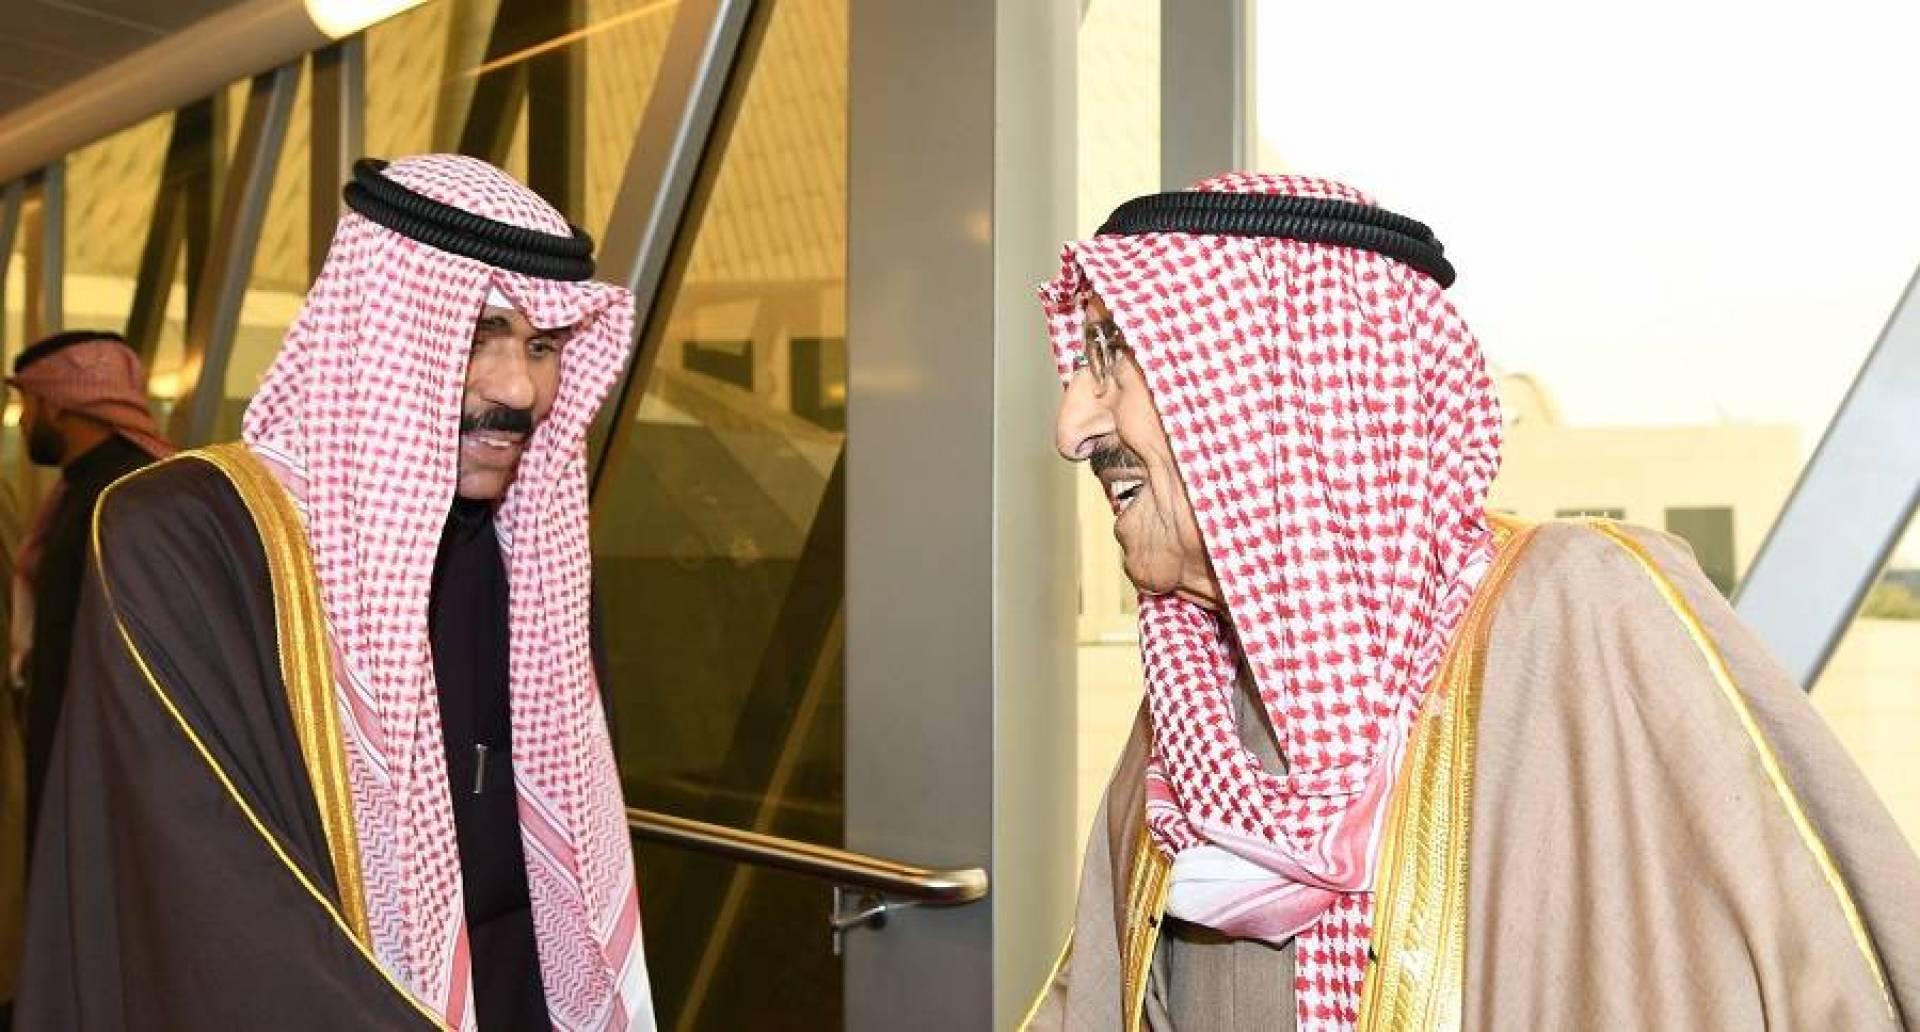 سمو الأمير يتوجه إلى الرياض لترؤس وفد الكويت في القمة الخليجية